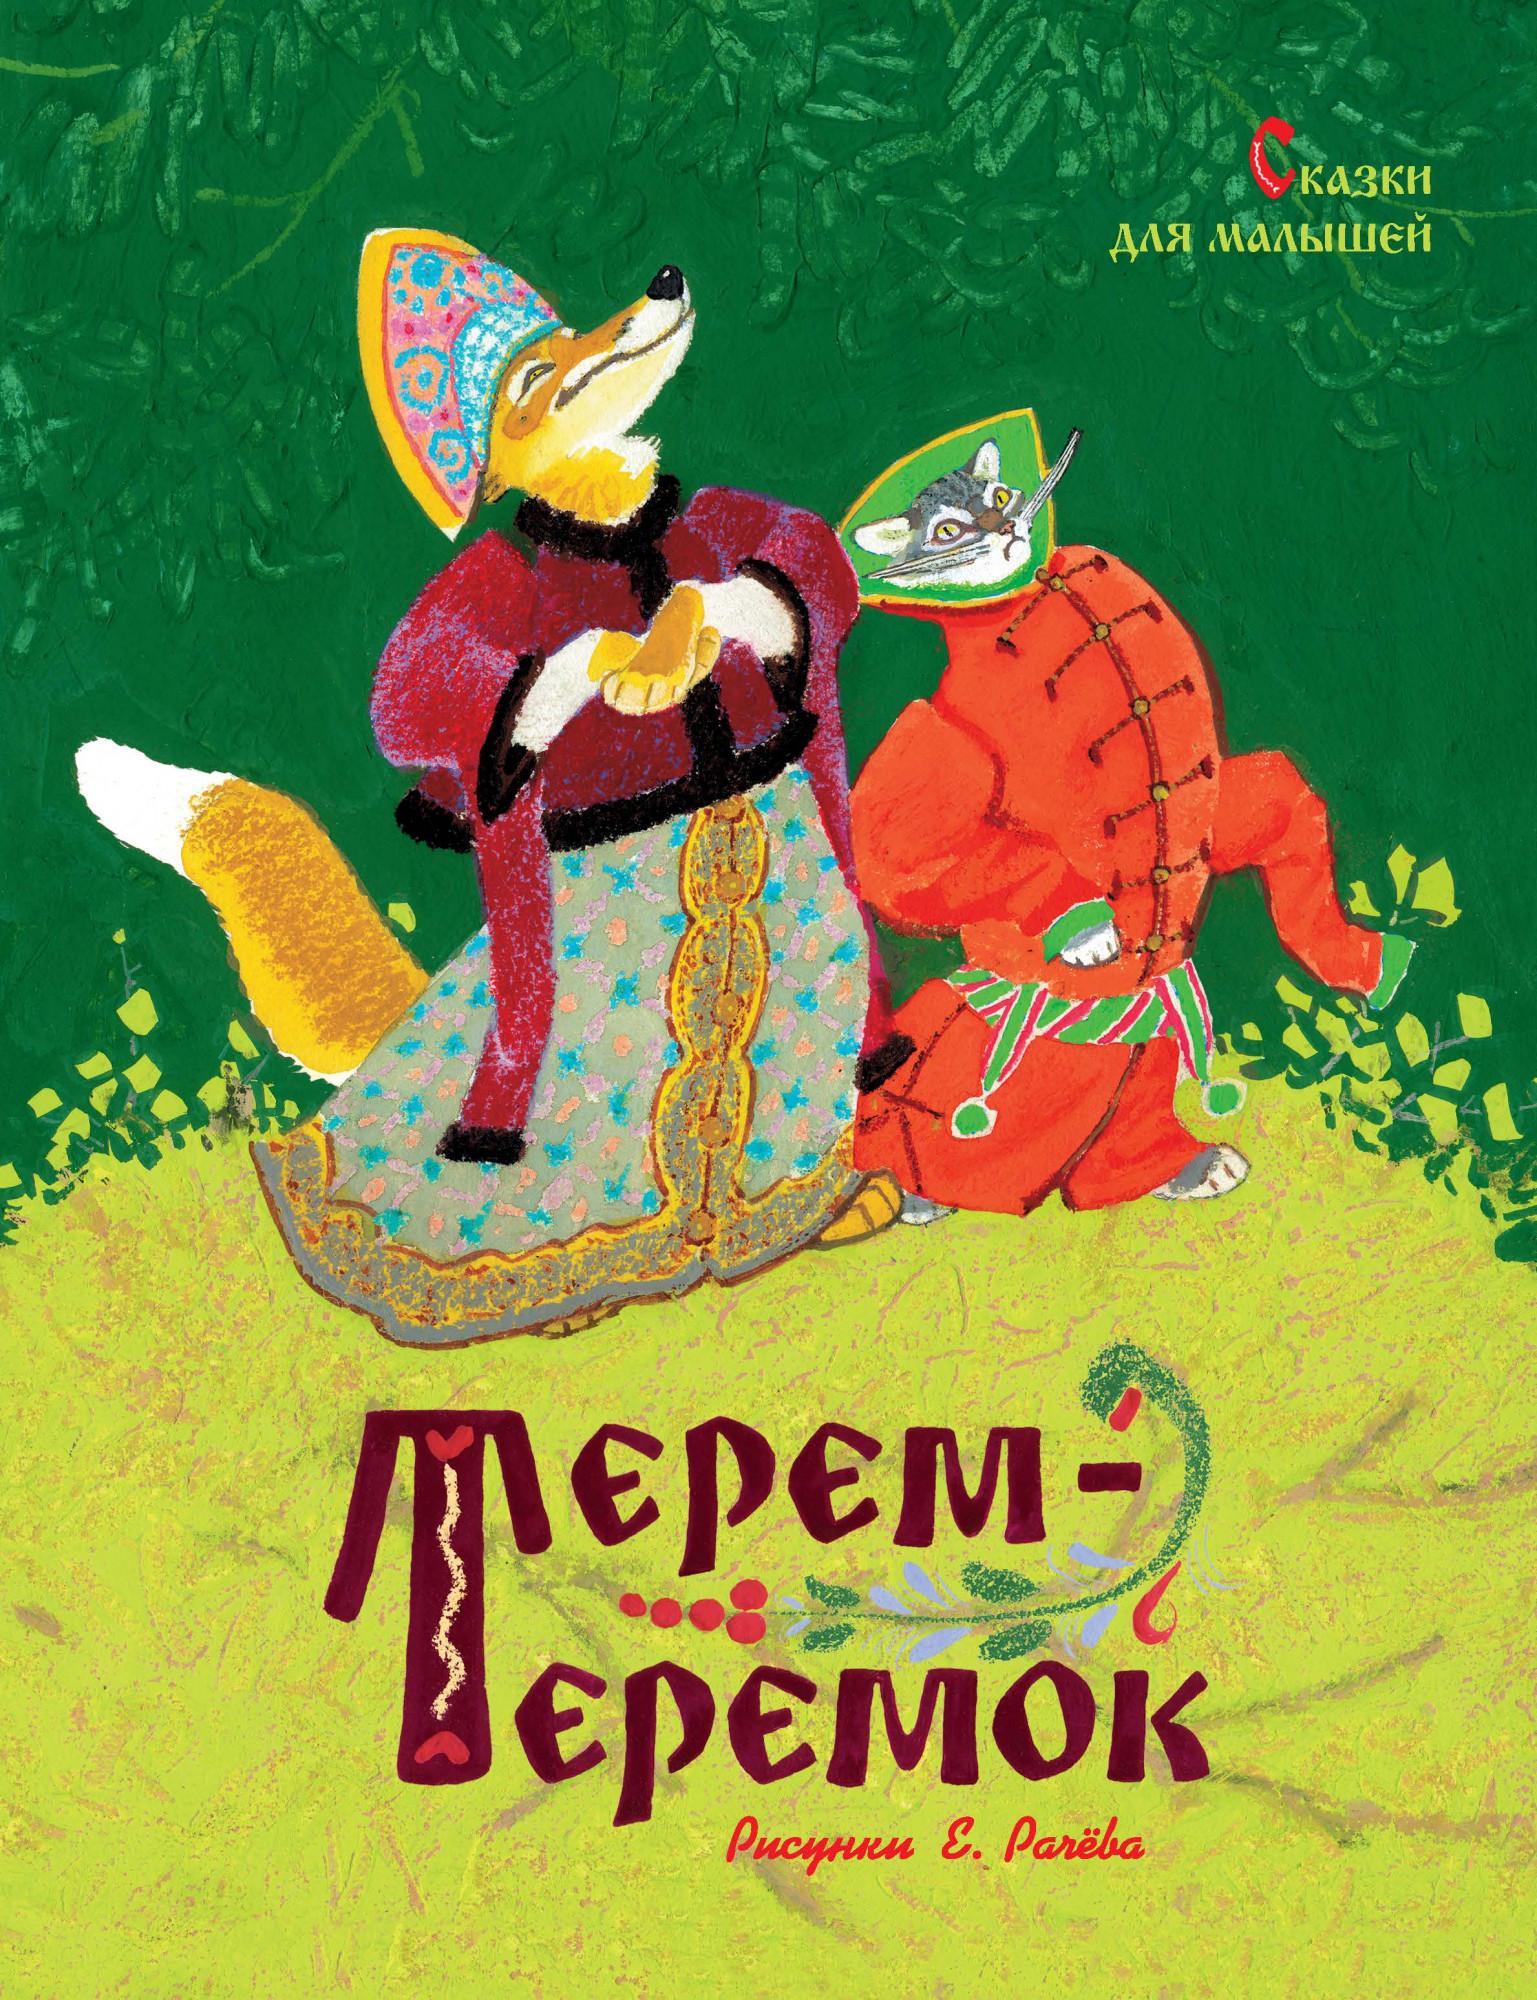 Купить Терем-теремок. Сказки для малышей (нов.оф.) (рисунки Е. Рачёва), Махаон